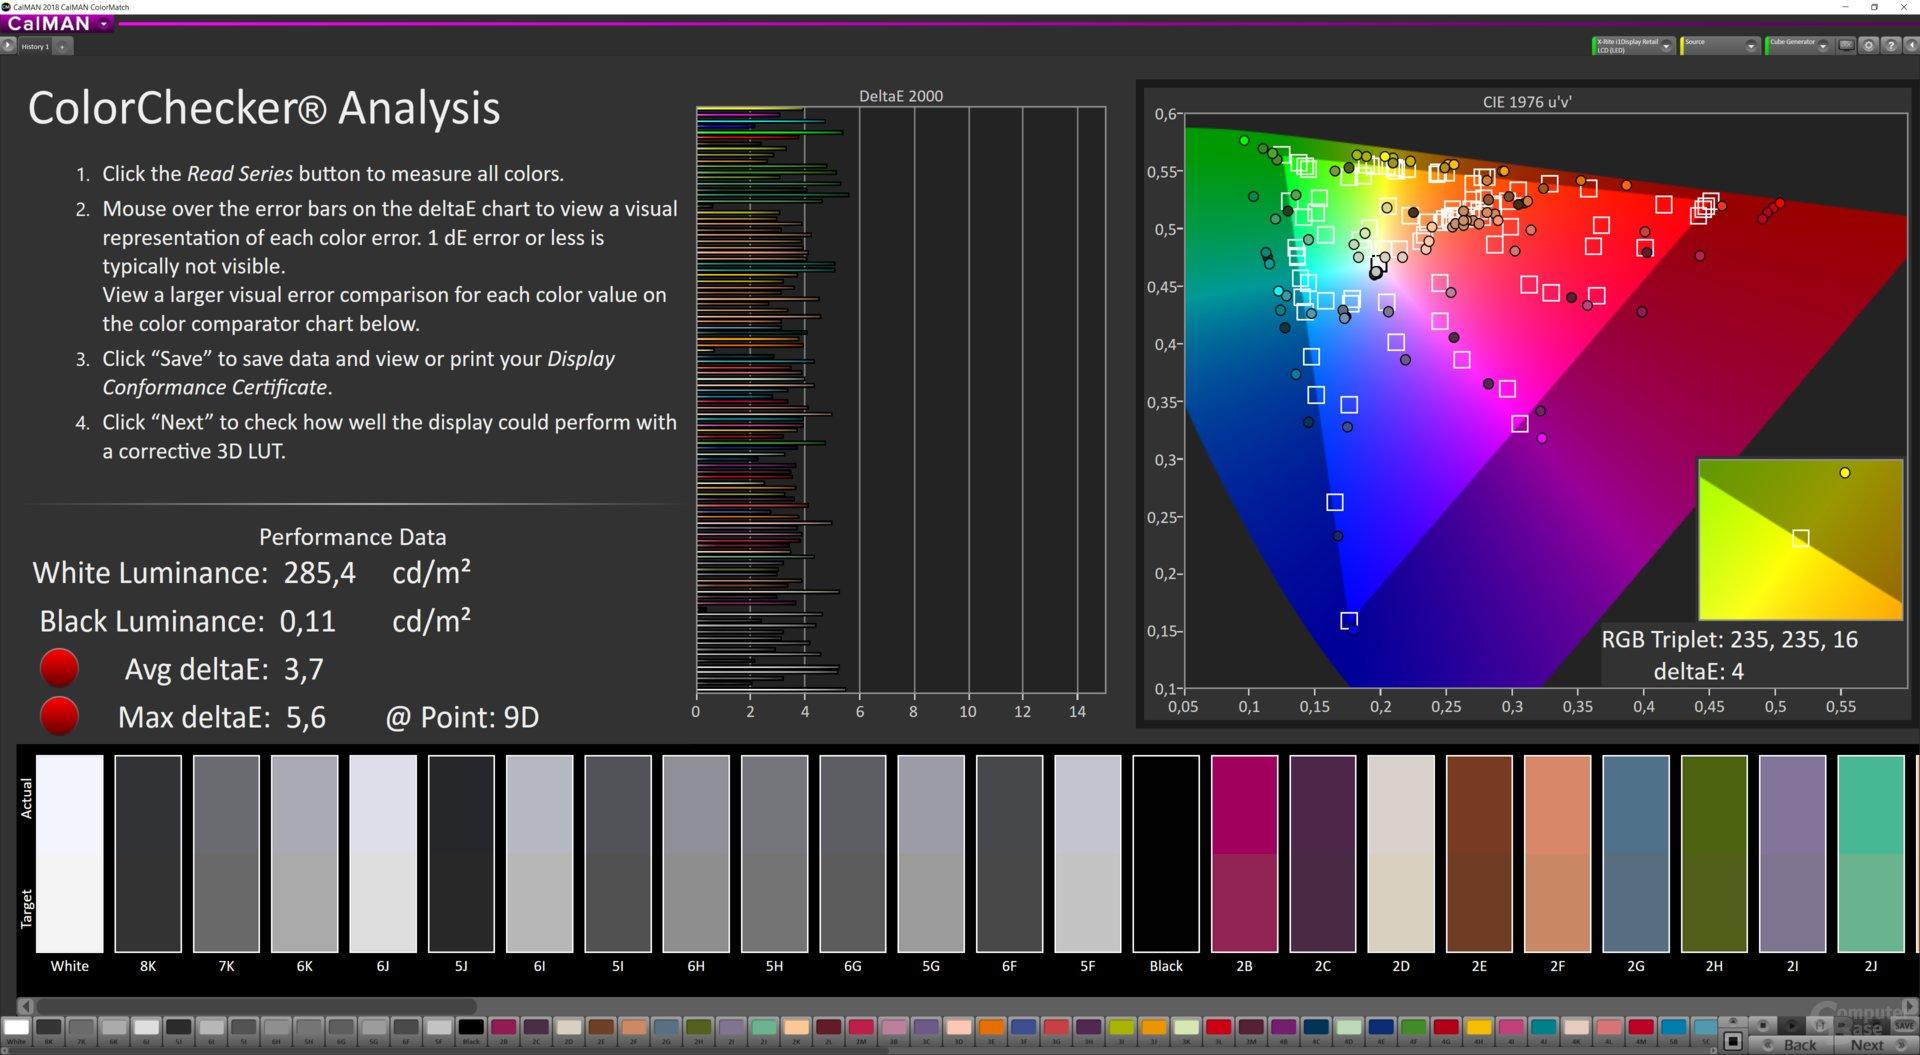 ViewSonic XG3220 – sRGB-Profil nachjustiert